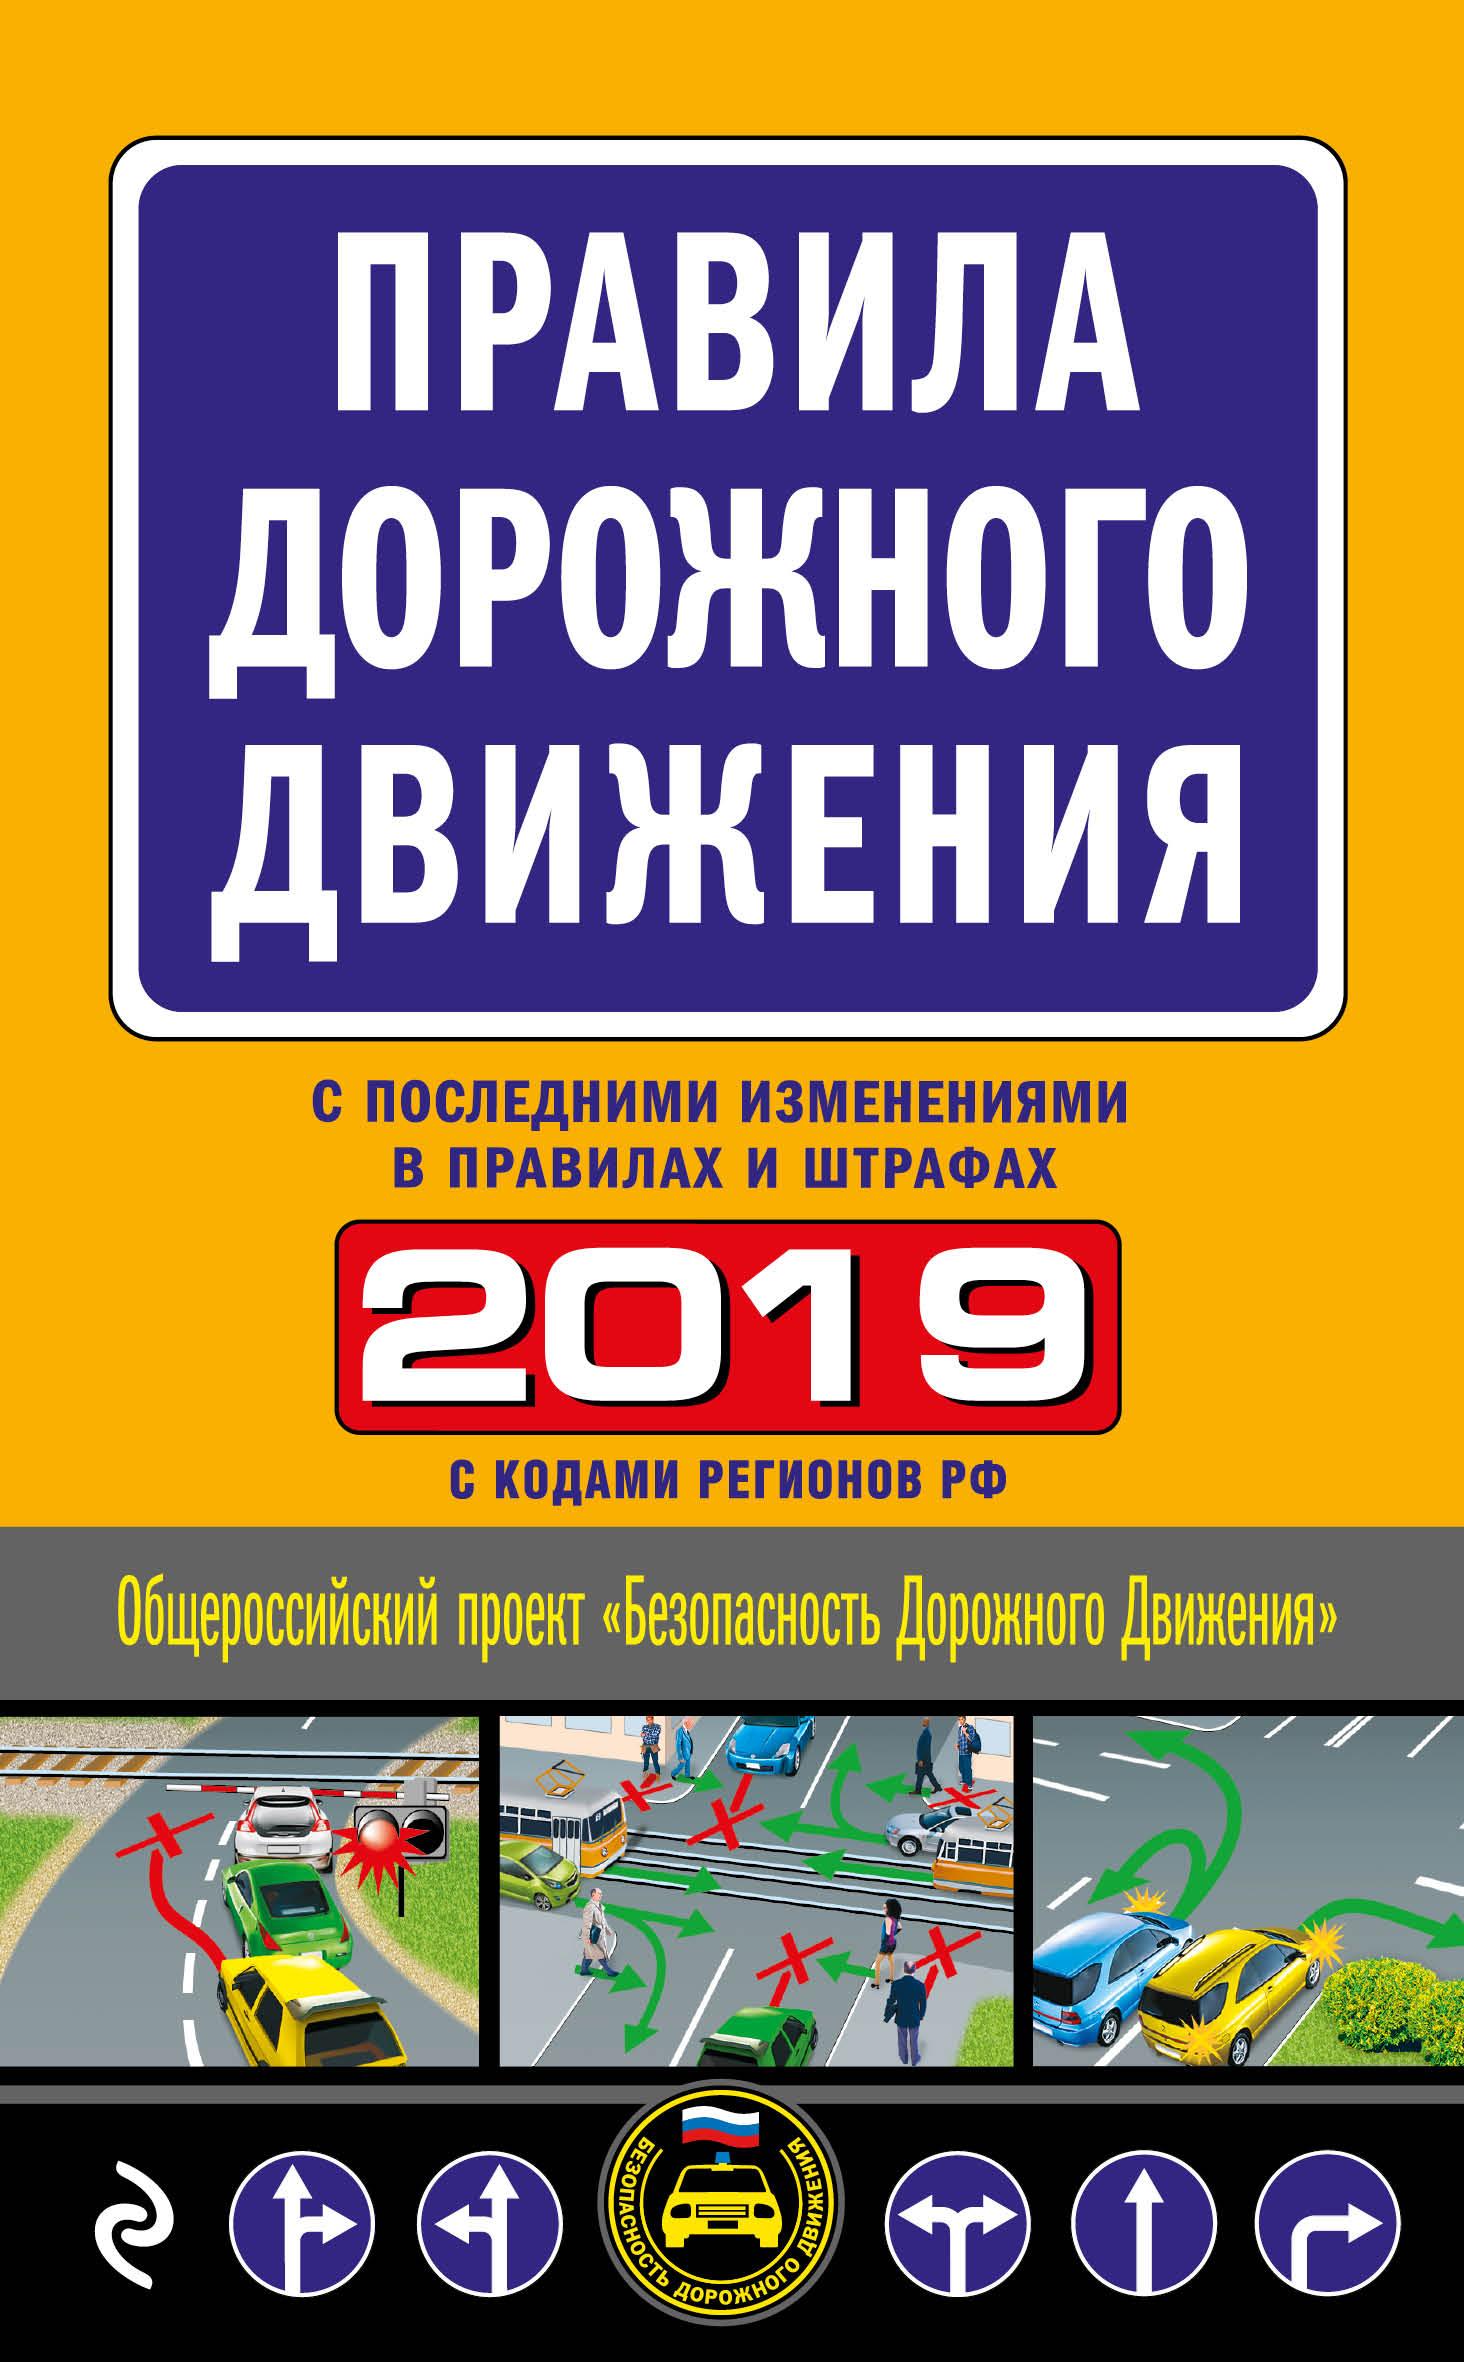 Правила дорожного движения 2019 (с самыми последними изменениями в правилах и штрафах) отсутствует правила дорожного движения 2014 со всеми последними изменениями в правилах и штрафах